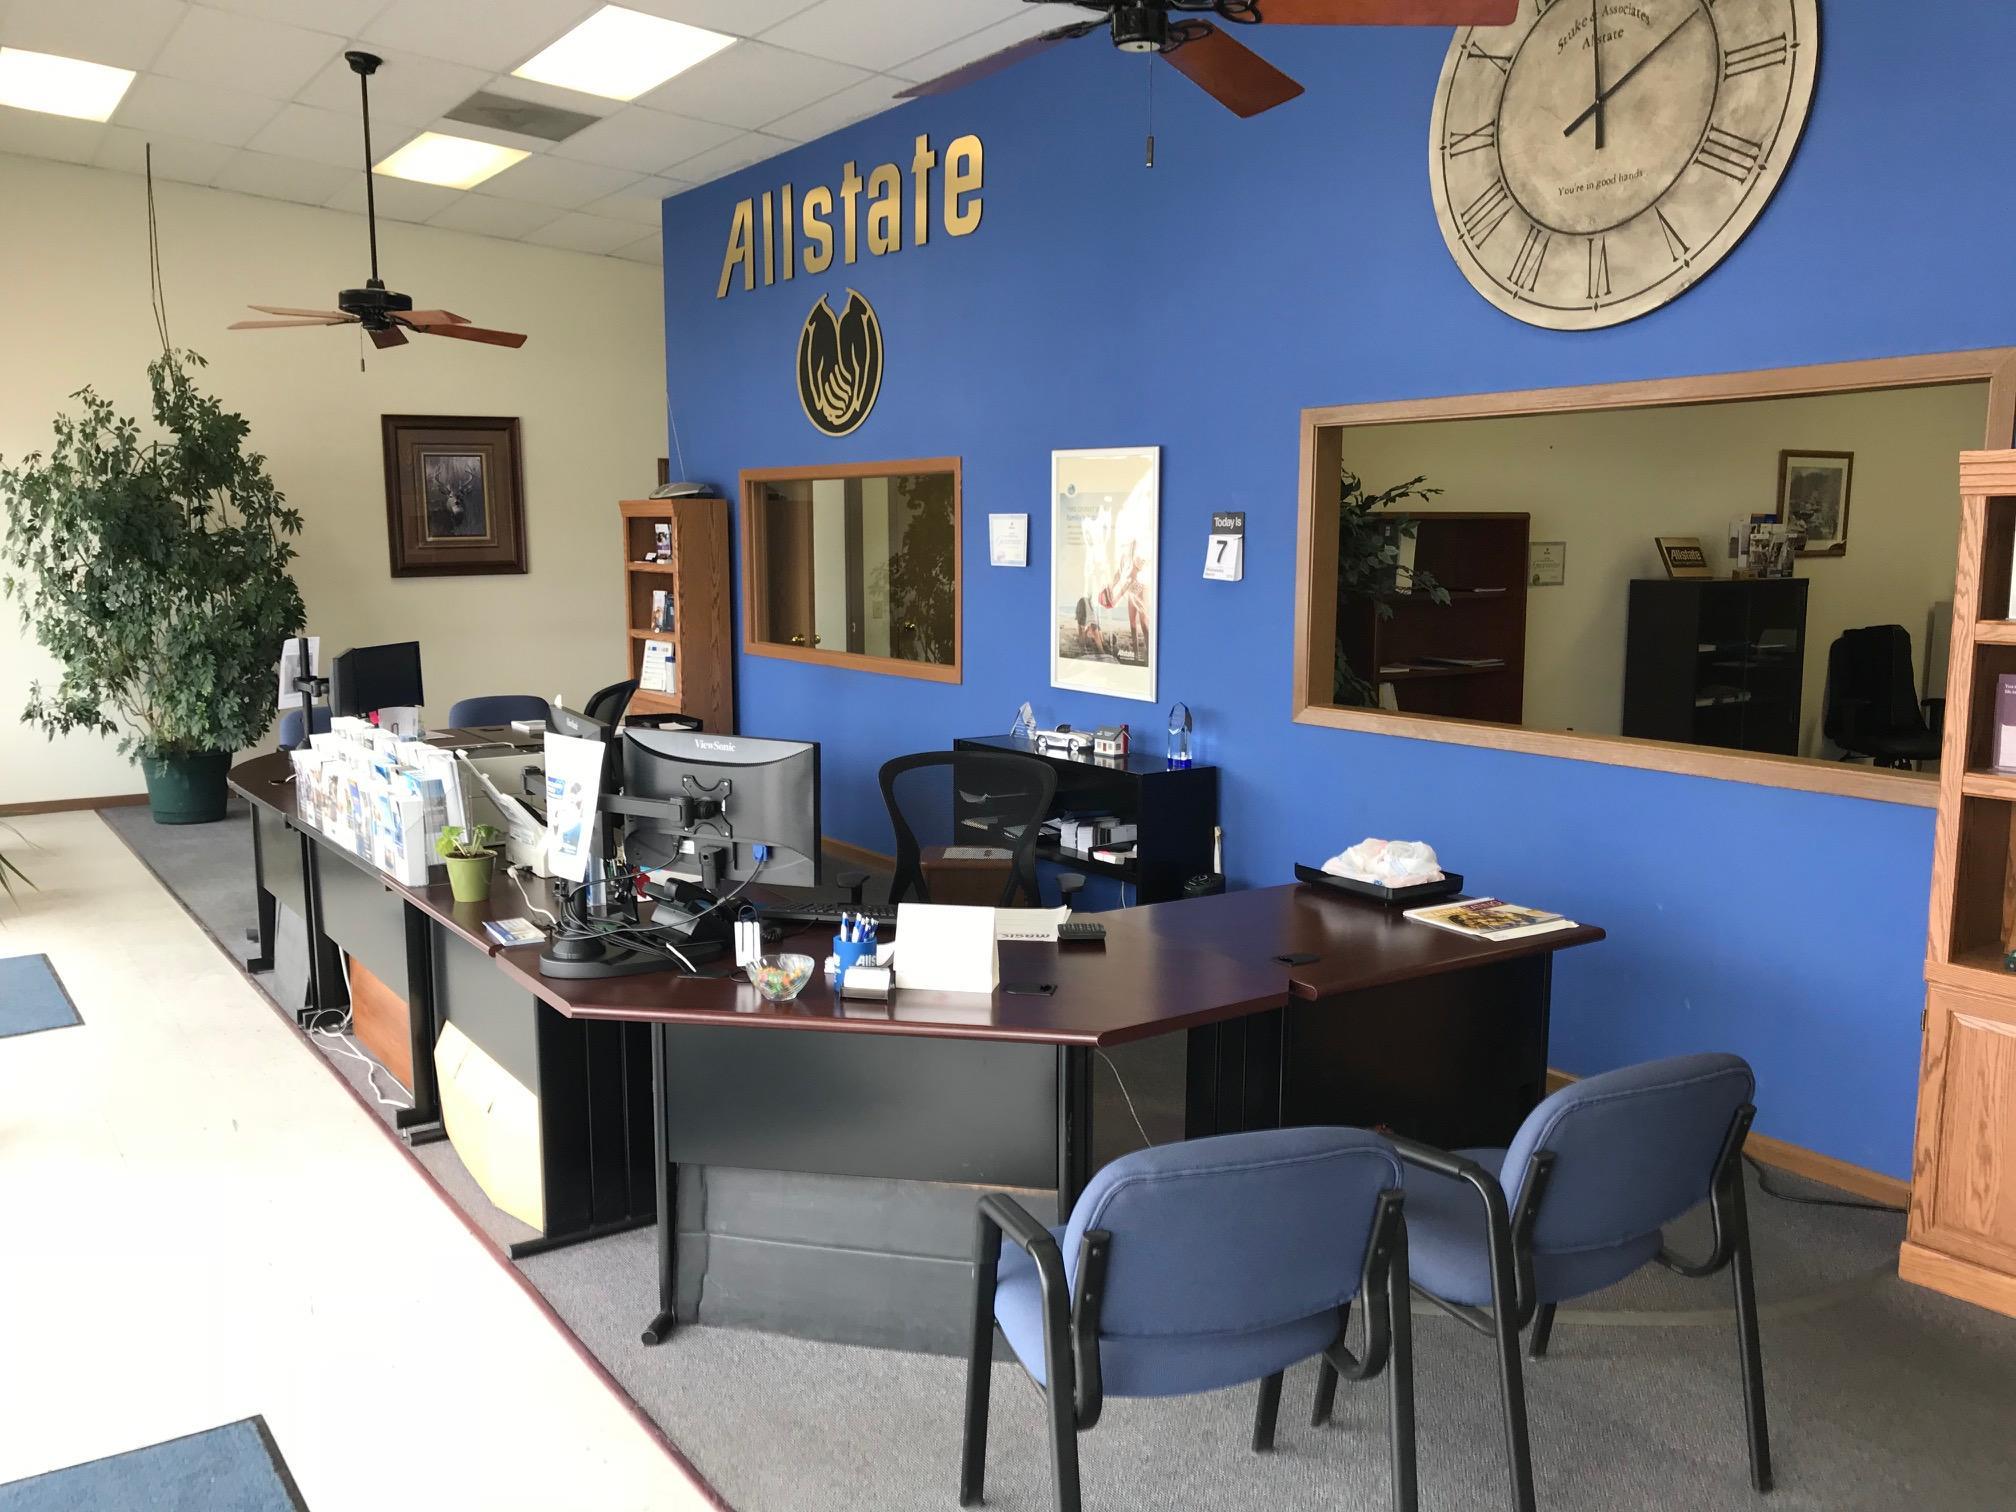 Allstate Insurance Agent: Paul Edward Stuke